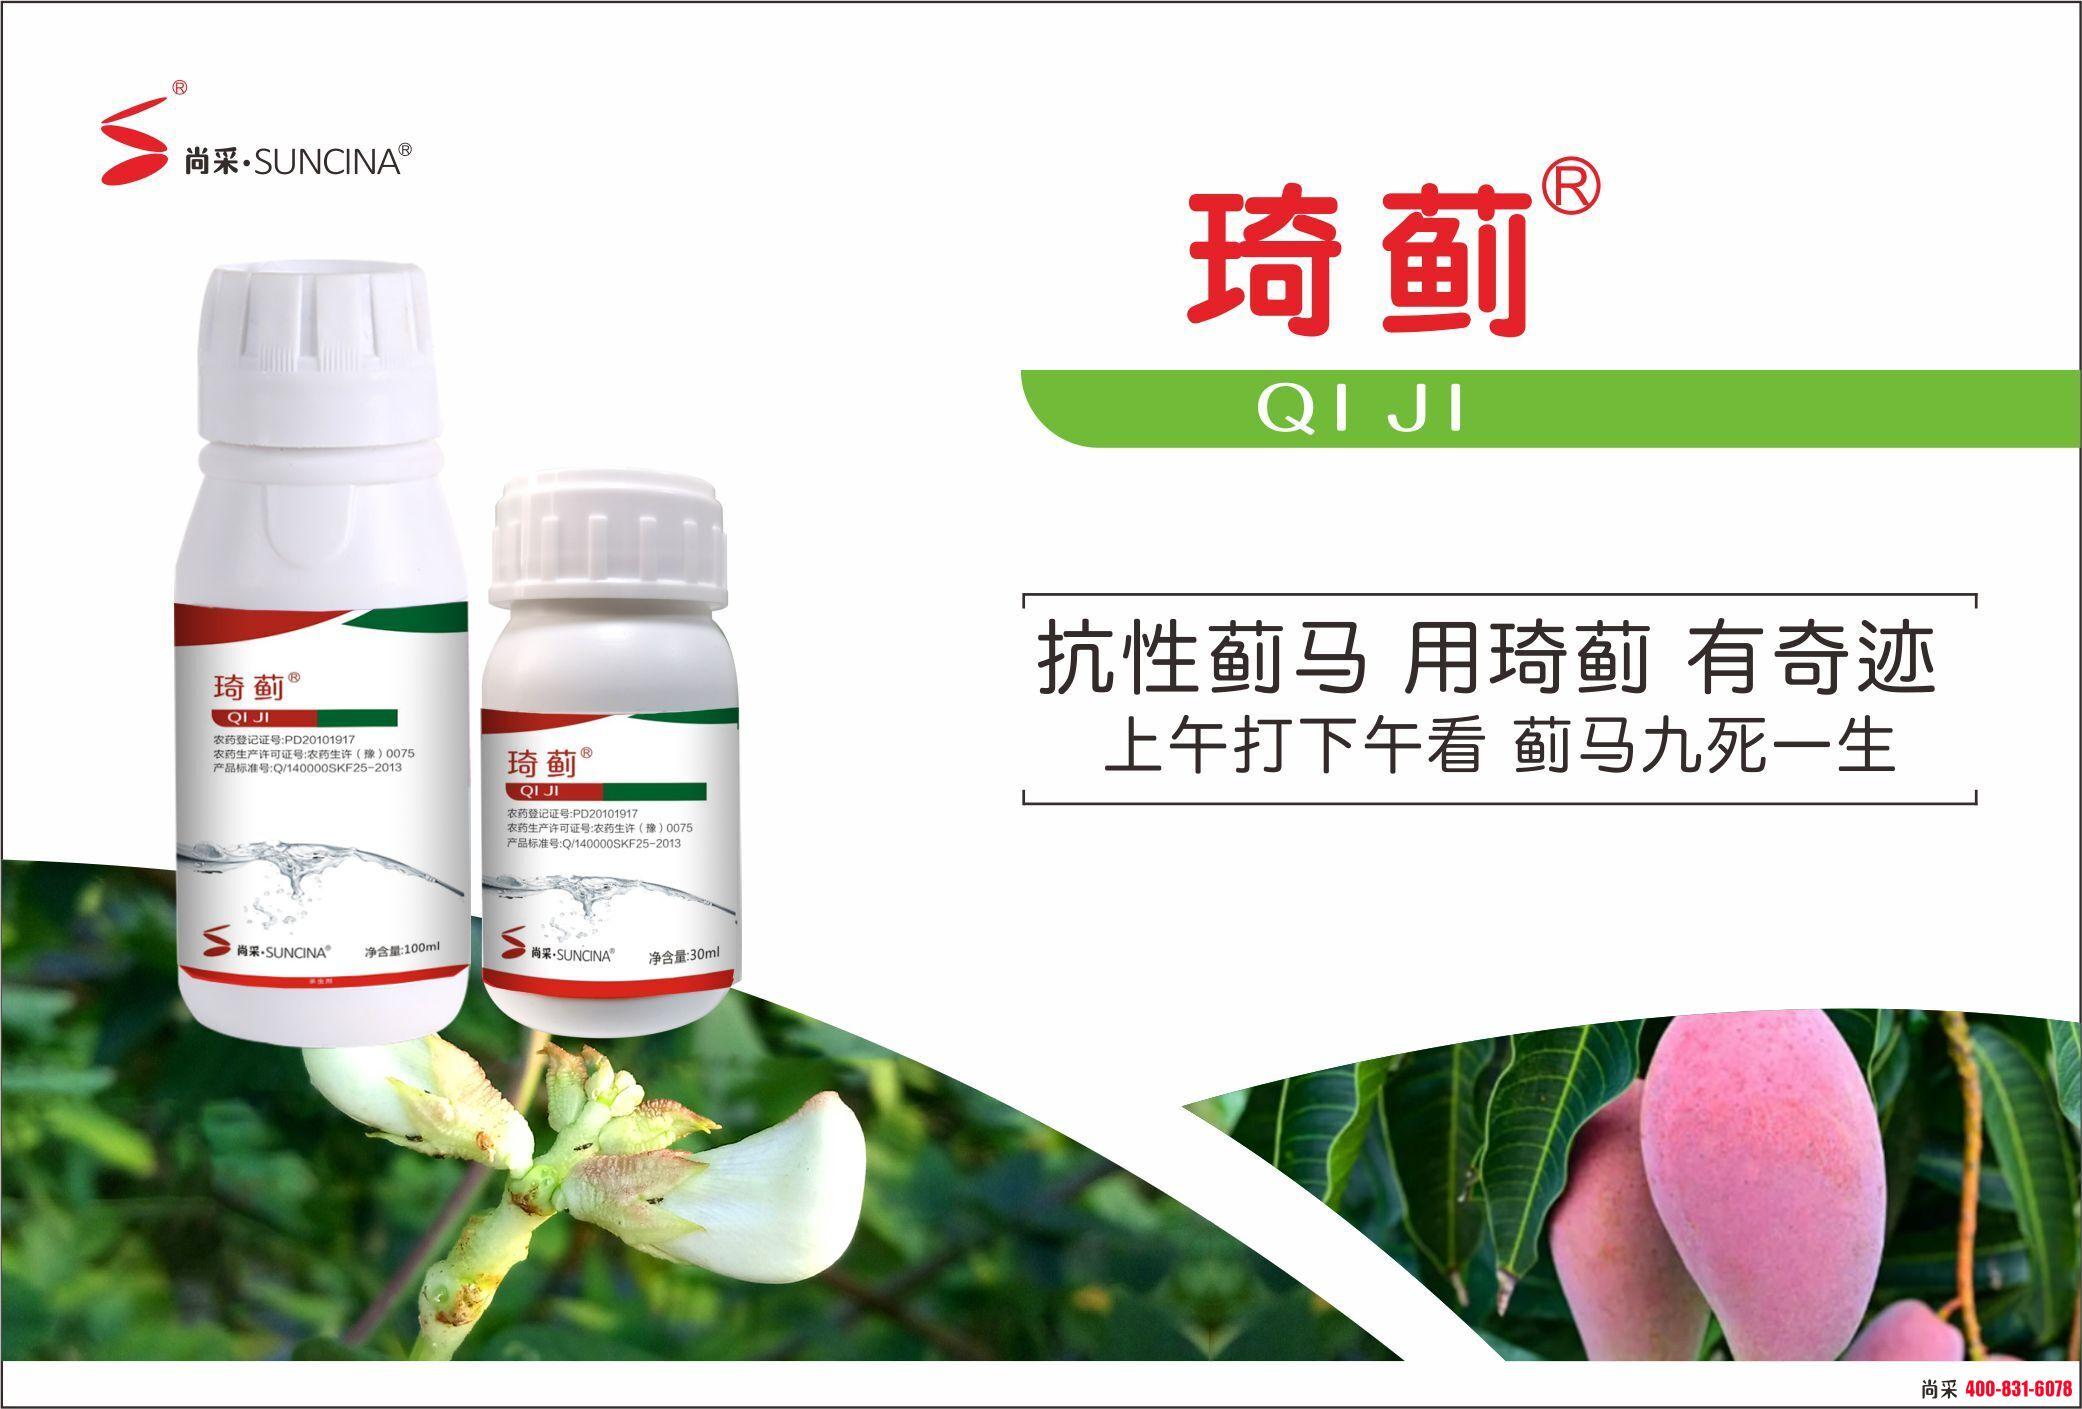 琦蓟,采用综合方式,无需助剂,仿生物制剂,作物任何时期均可用,安全高效